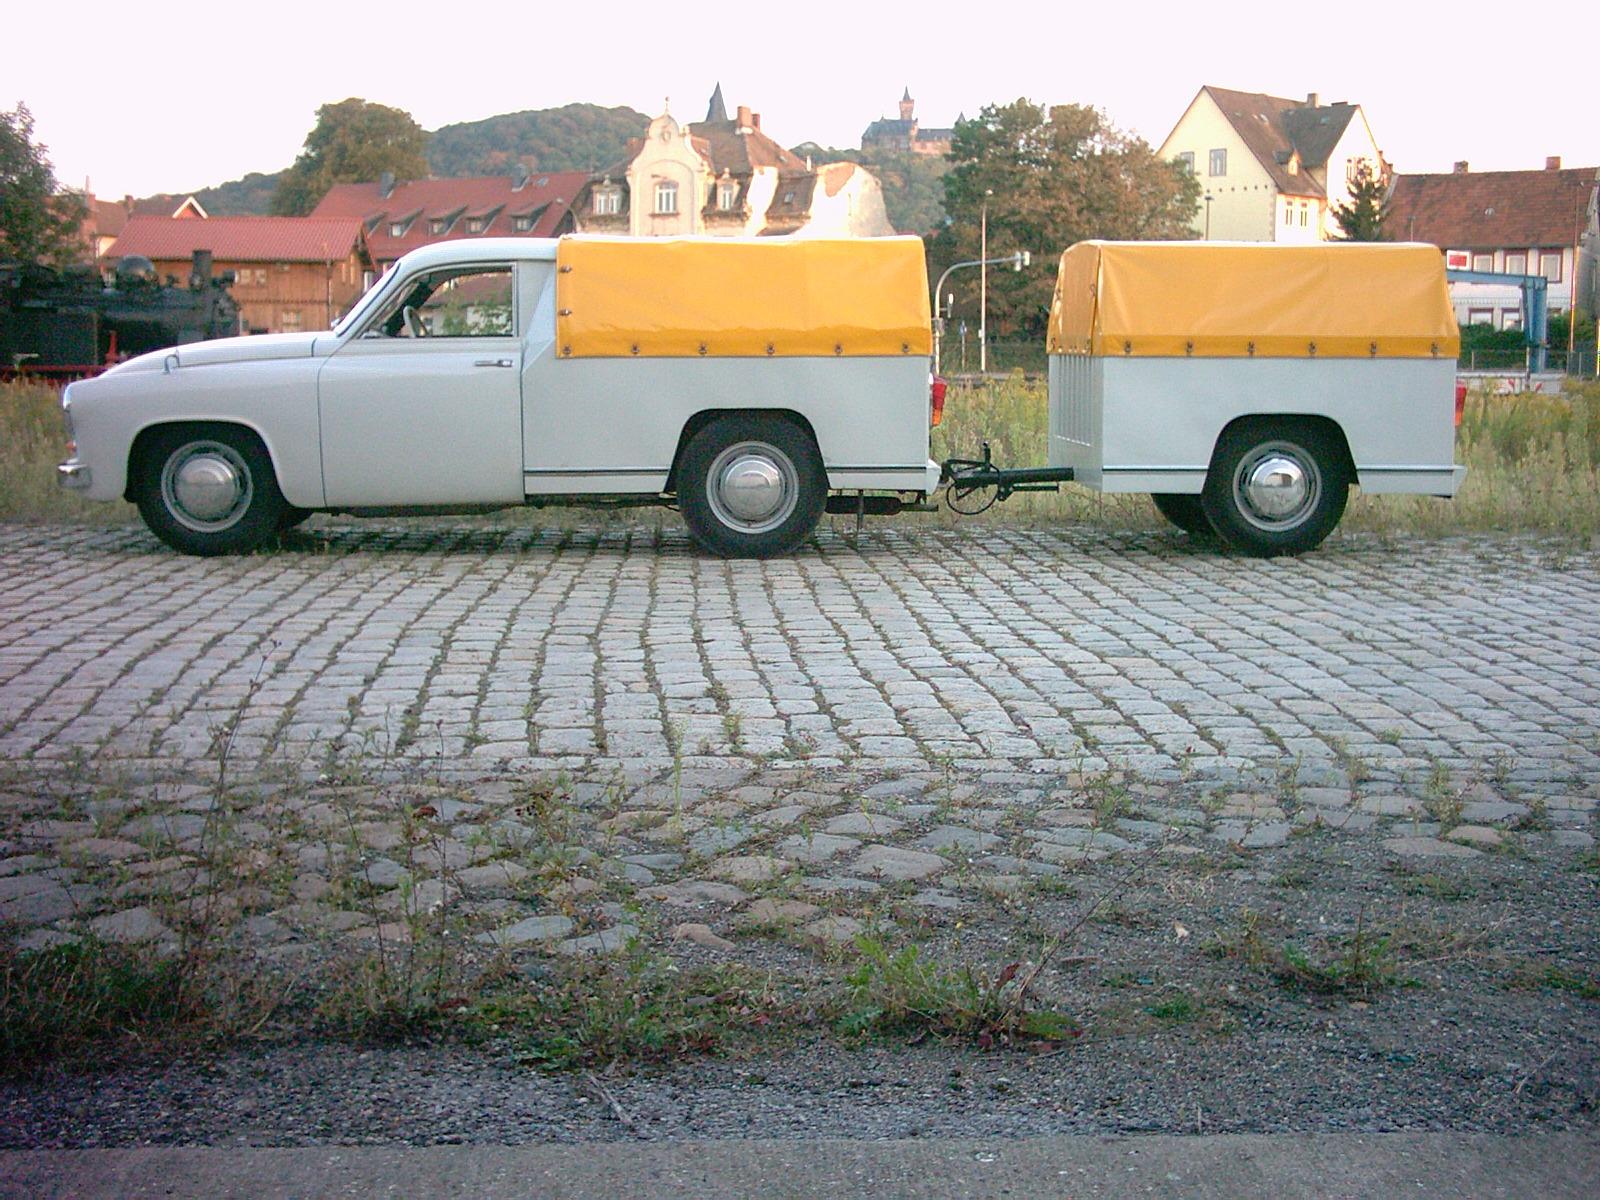 File:Wartburg Schnelltransporter mit Anhänger 3.jpg - Wikimedia Commons